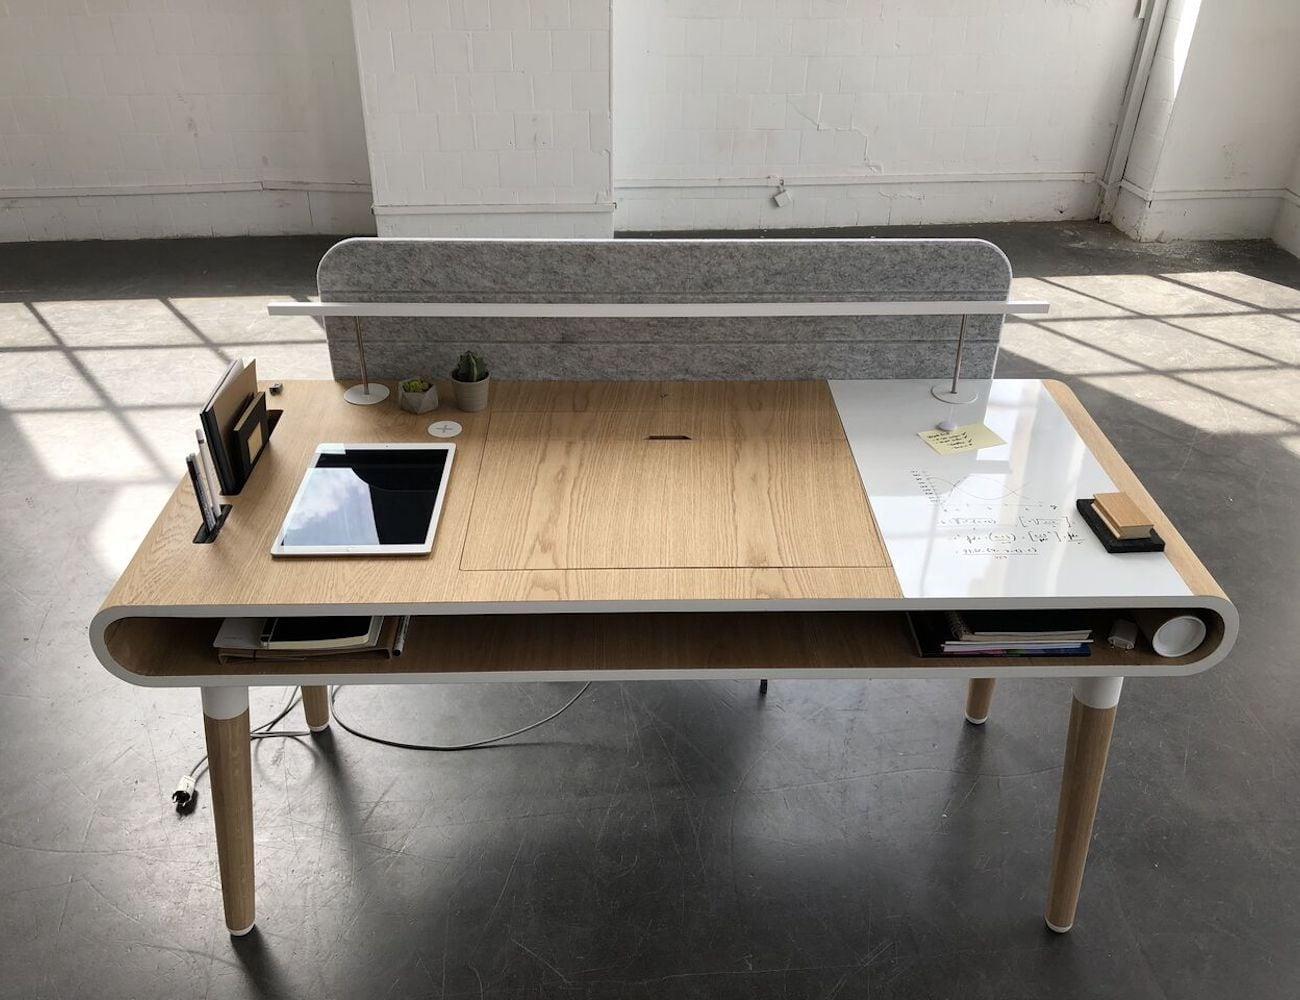 Köllen Eget Smart Interactive Workspace